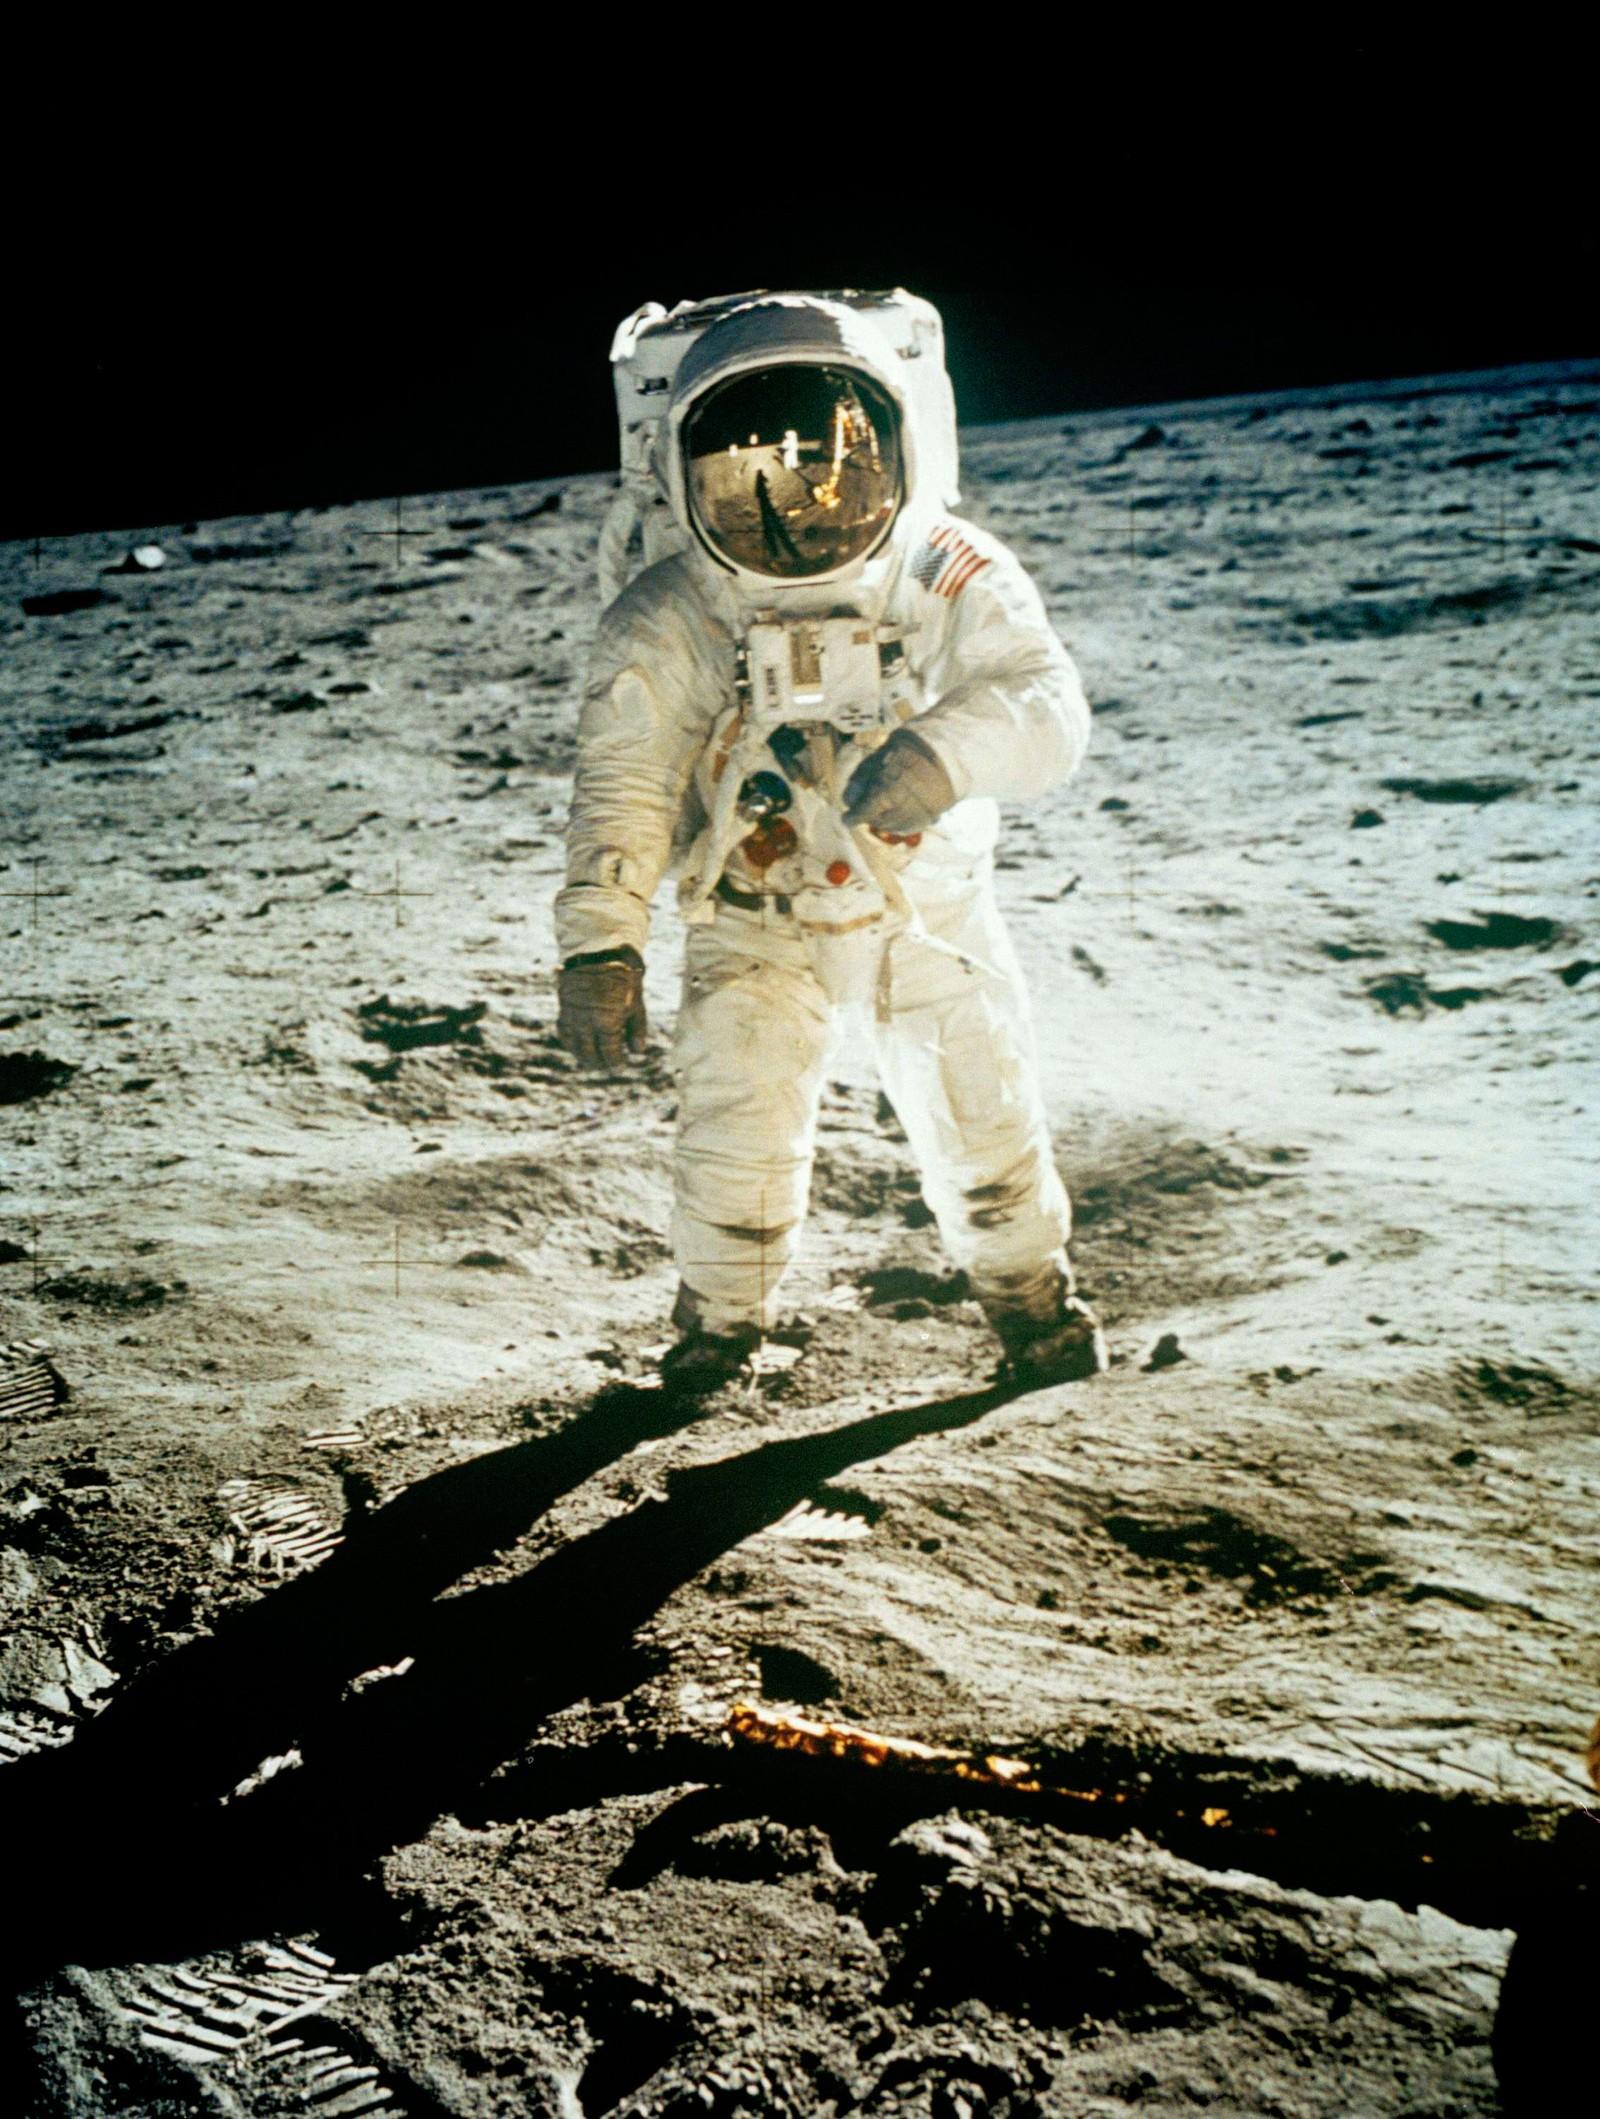 MANN PÅ MÅNEN: Astronaut Edwin E. Aldrin Jr. på månen, 20. juli 1969, under Apollo 11-oppdraget.